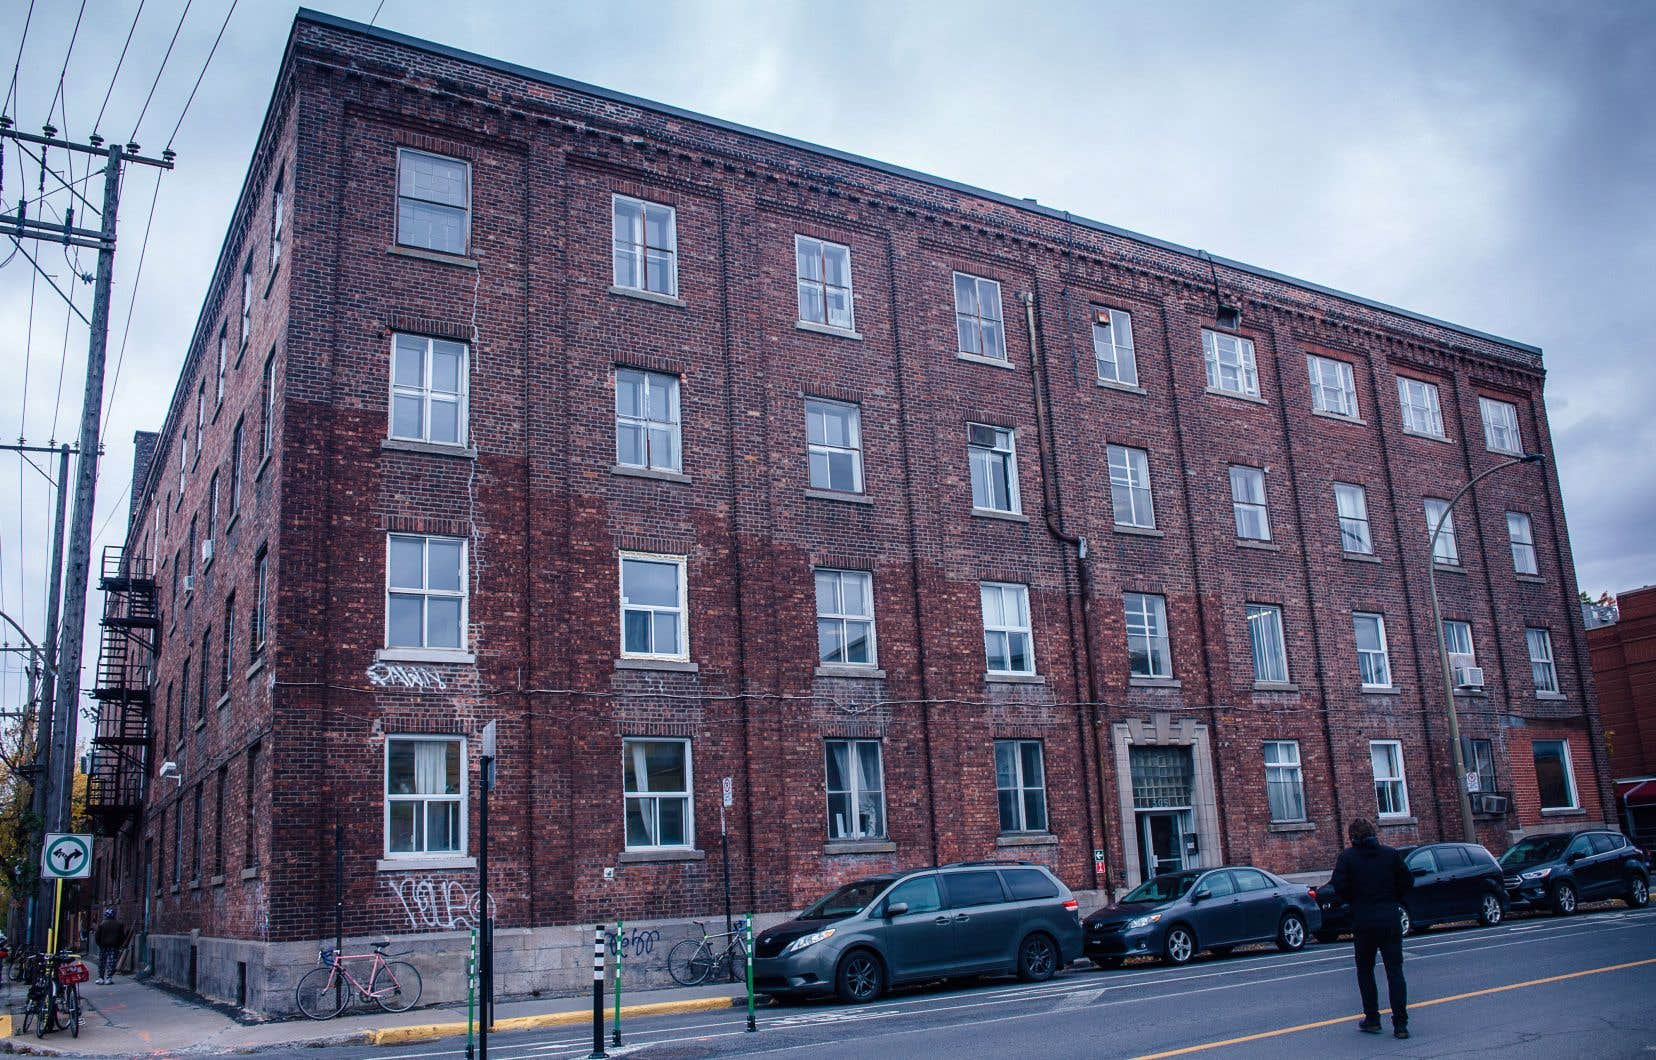 Les artistes dont les ateliers sont logés au 305, rue de Bellechasse craignent une hausse des loyers qui les pousserait à quitter l'immeuble.